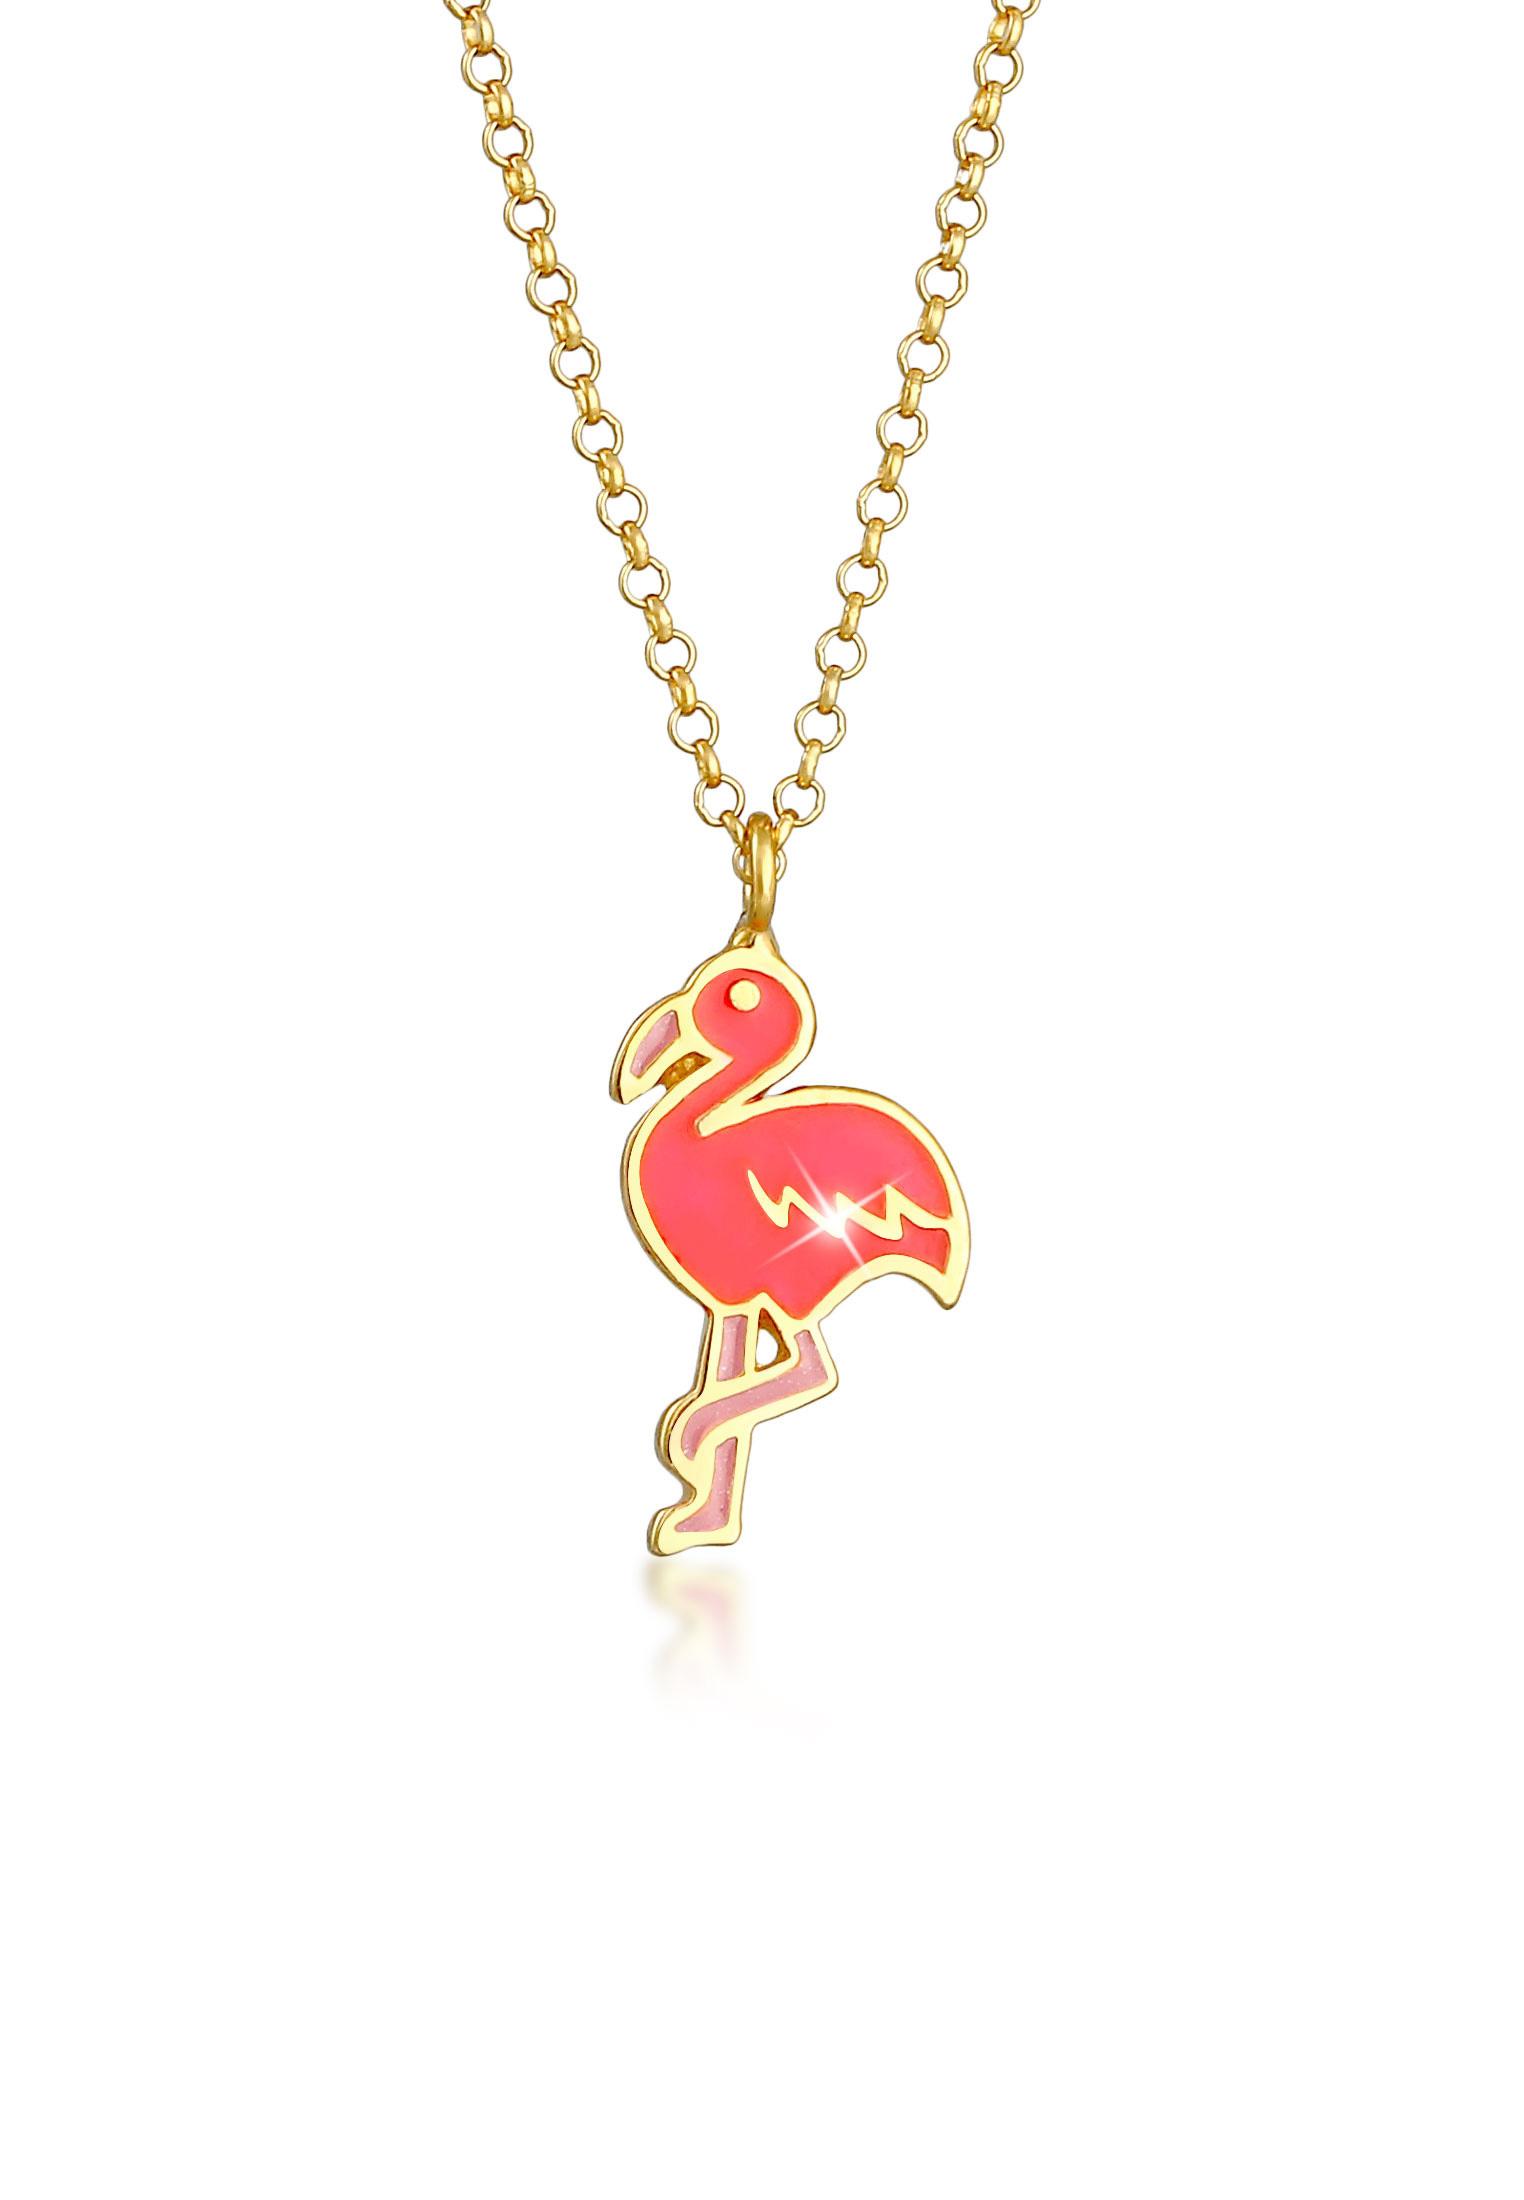 Halskette Flamingo | 925 Sterling Silber vergoldet